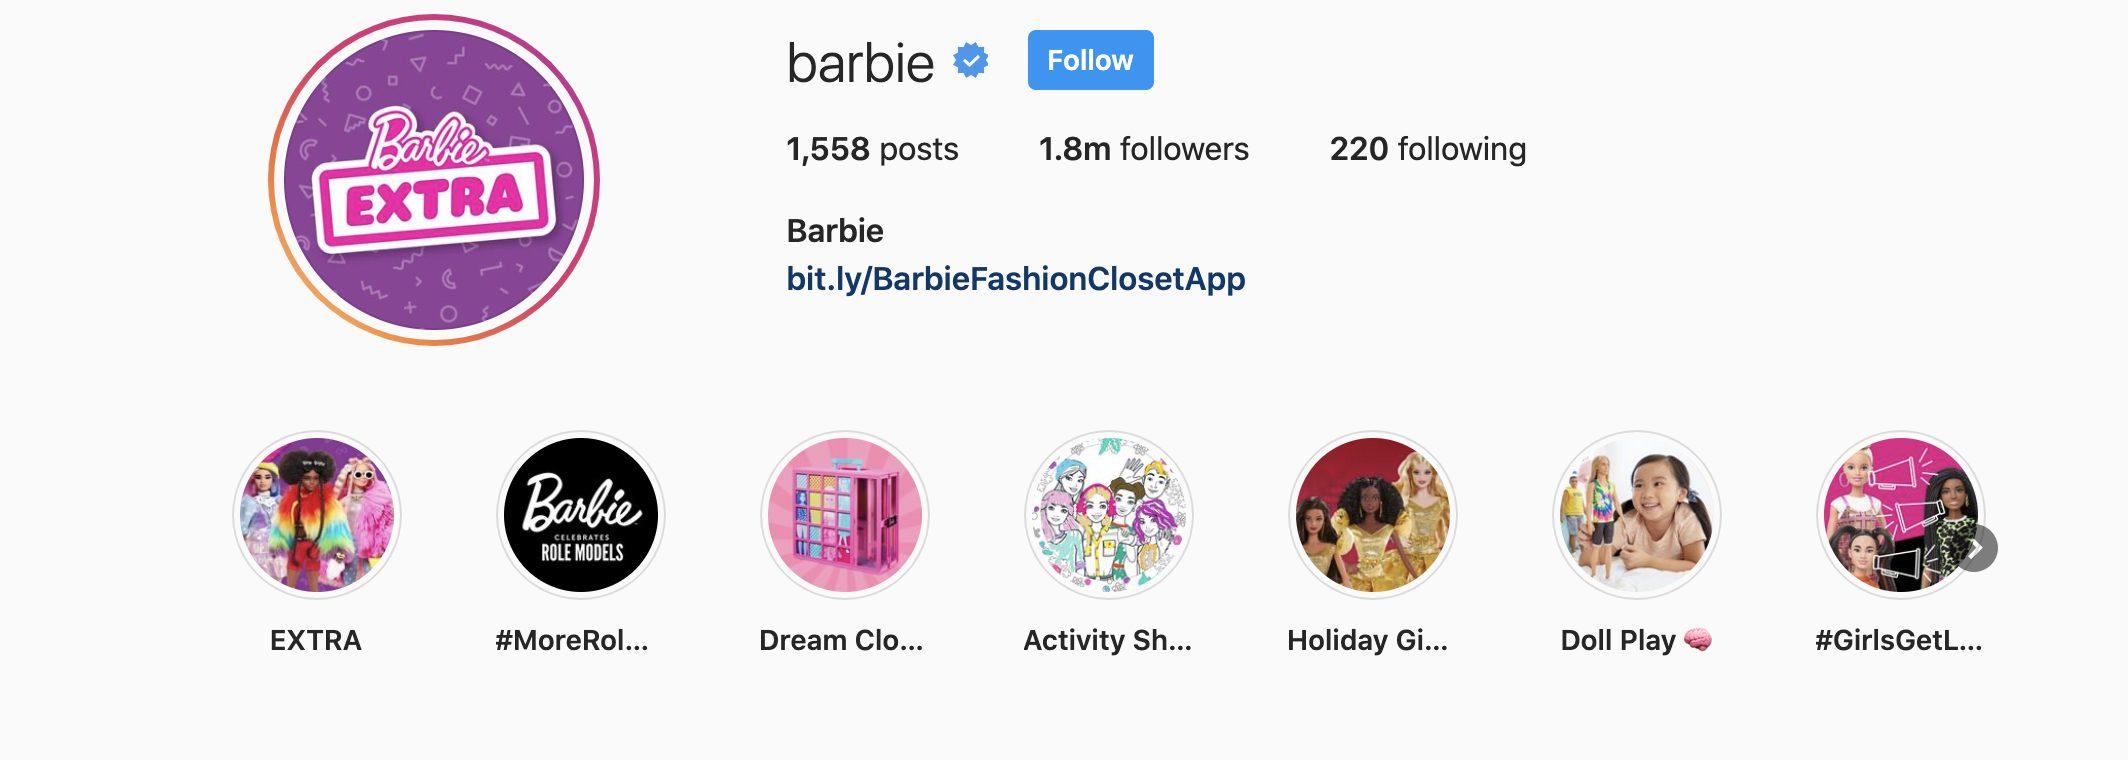 Barbie virtual influencer